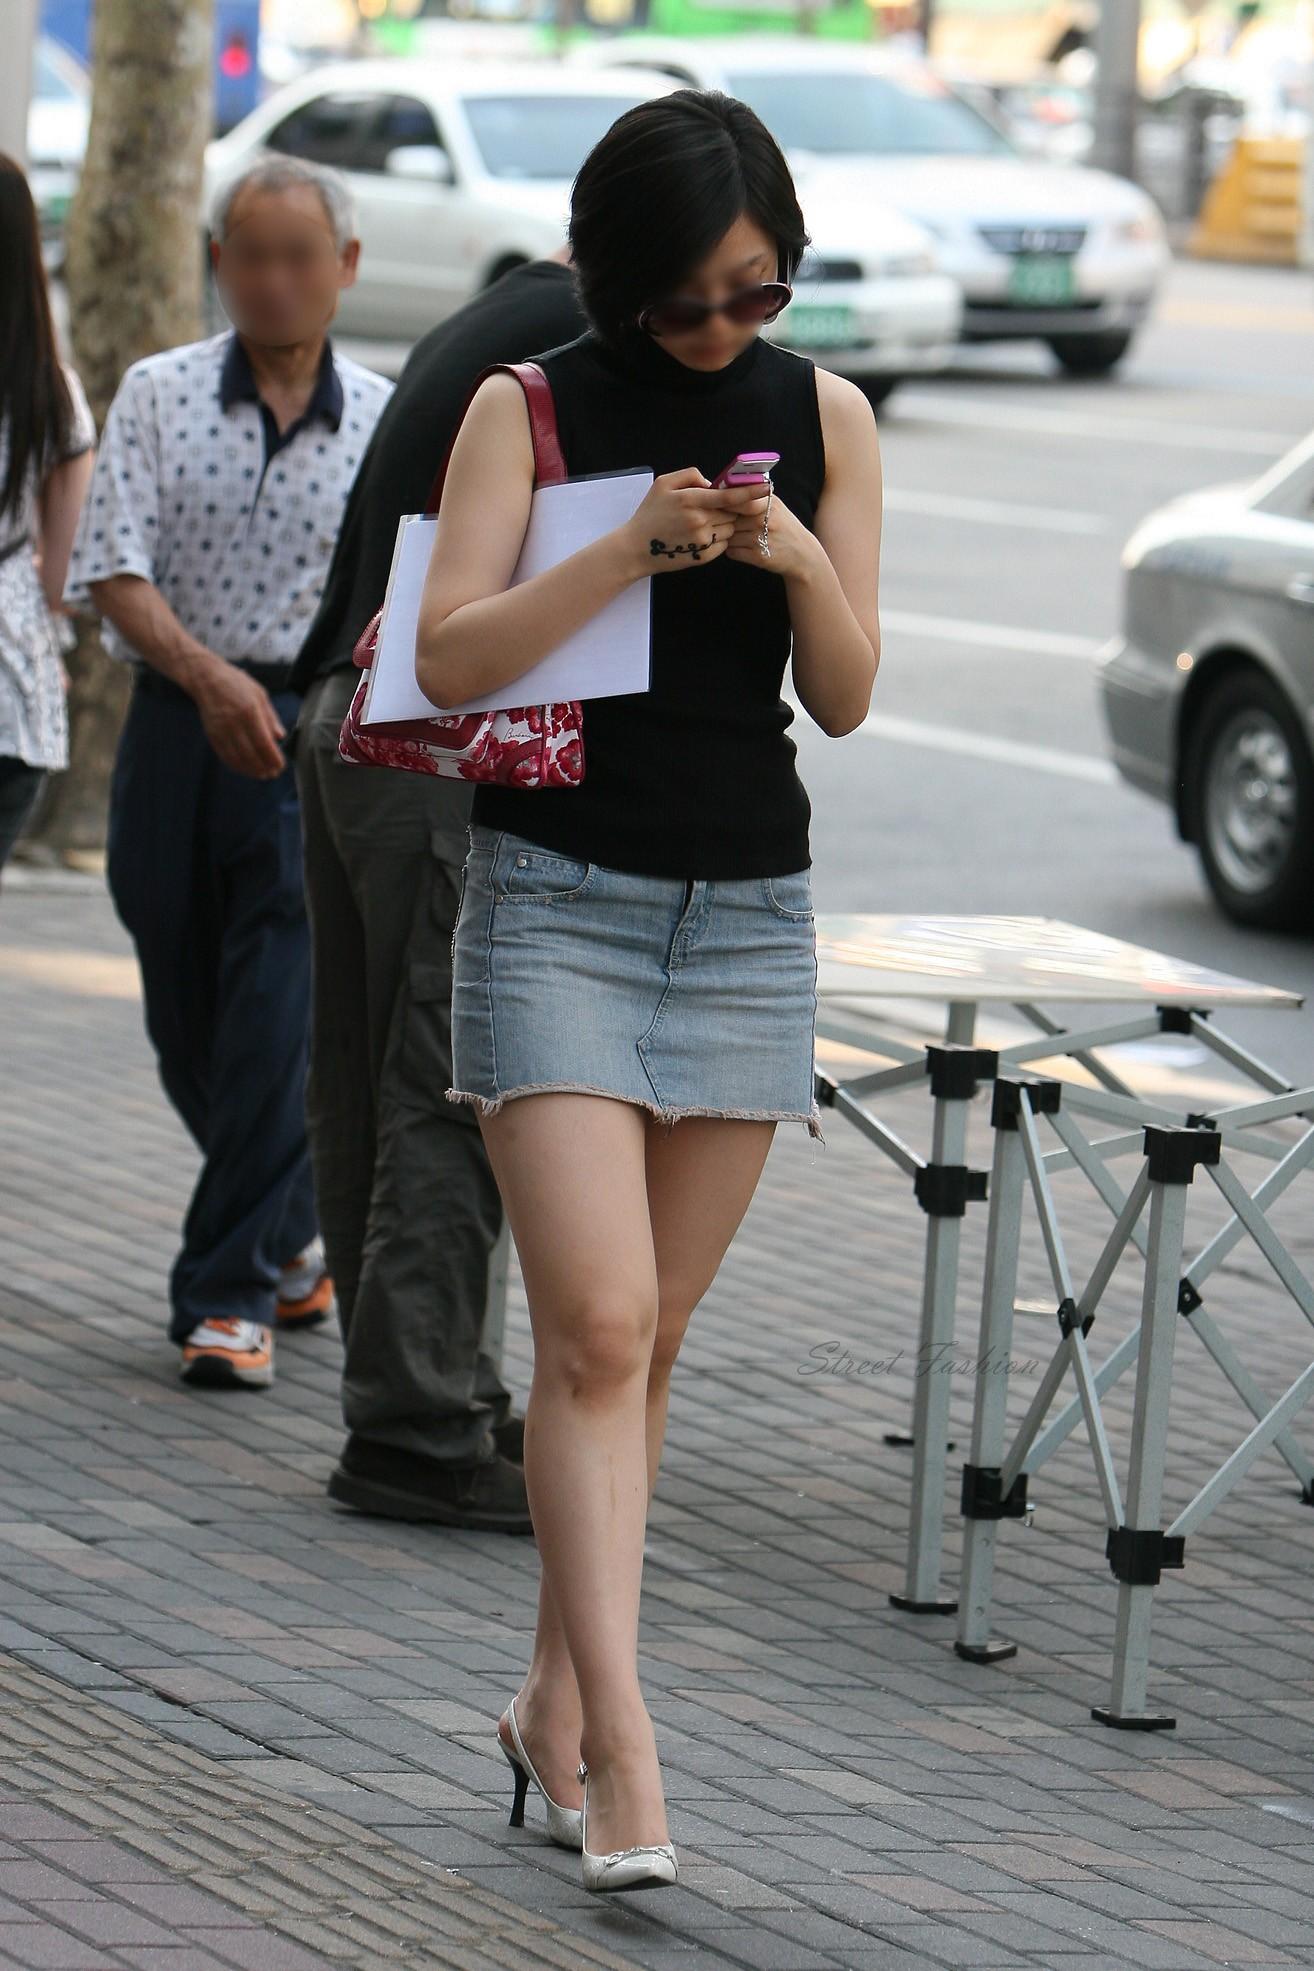 際どいファッションで街中を歩く半露出狂の韓国女性たち(画像25枚)・22枚目